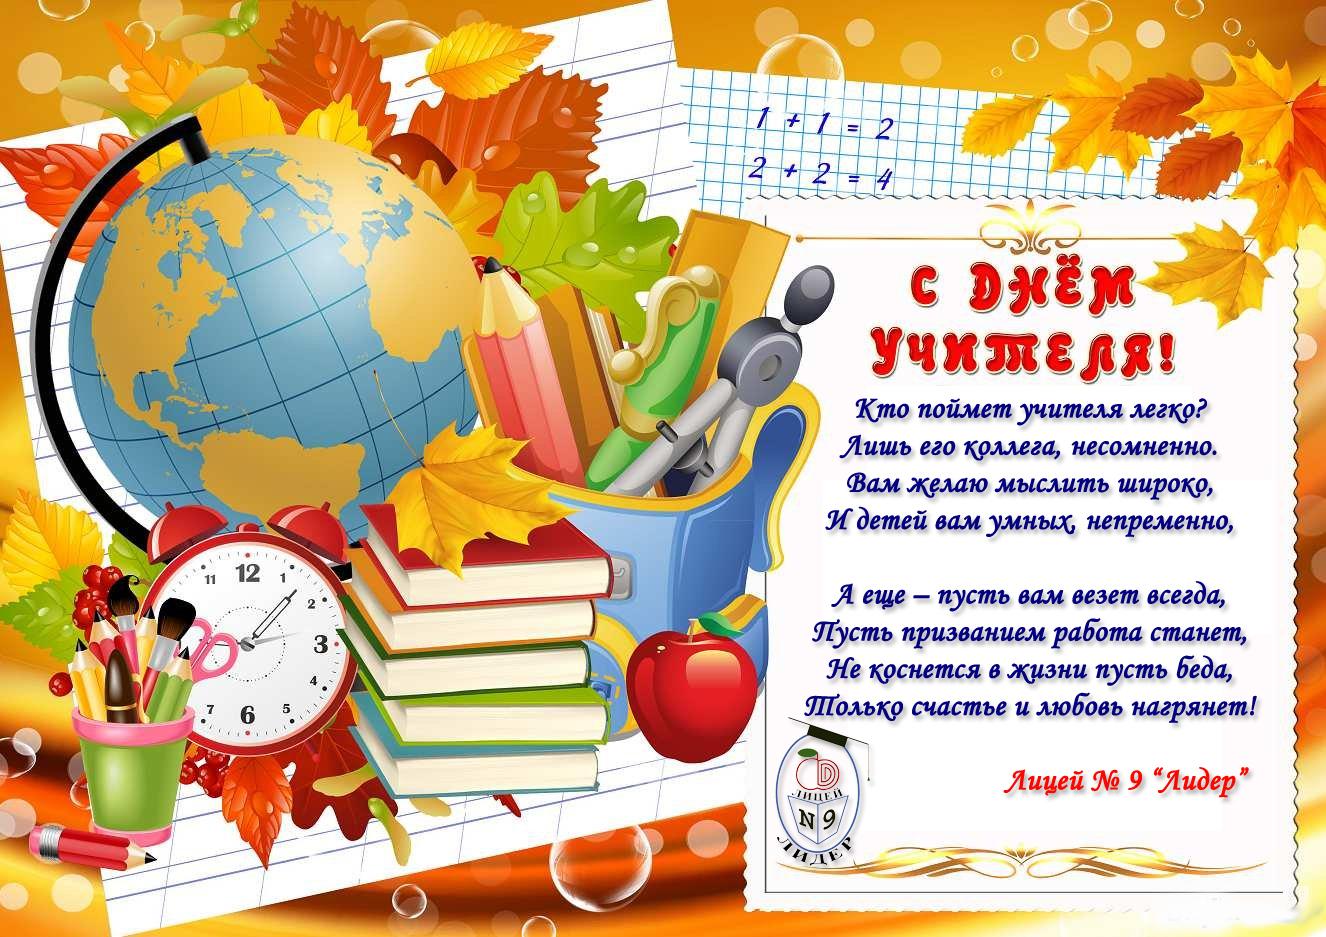 Поздравление для ученика с днем рождения от учителя